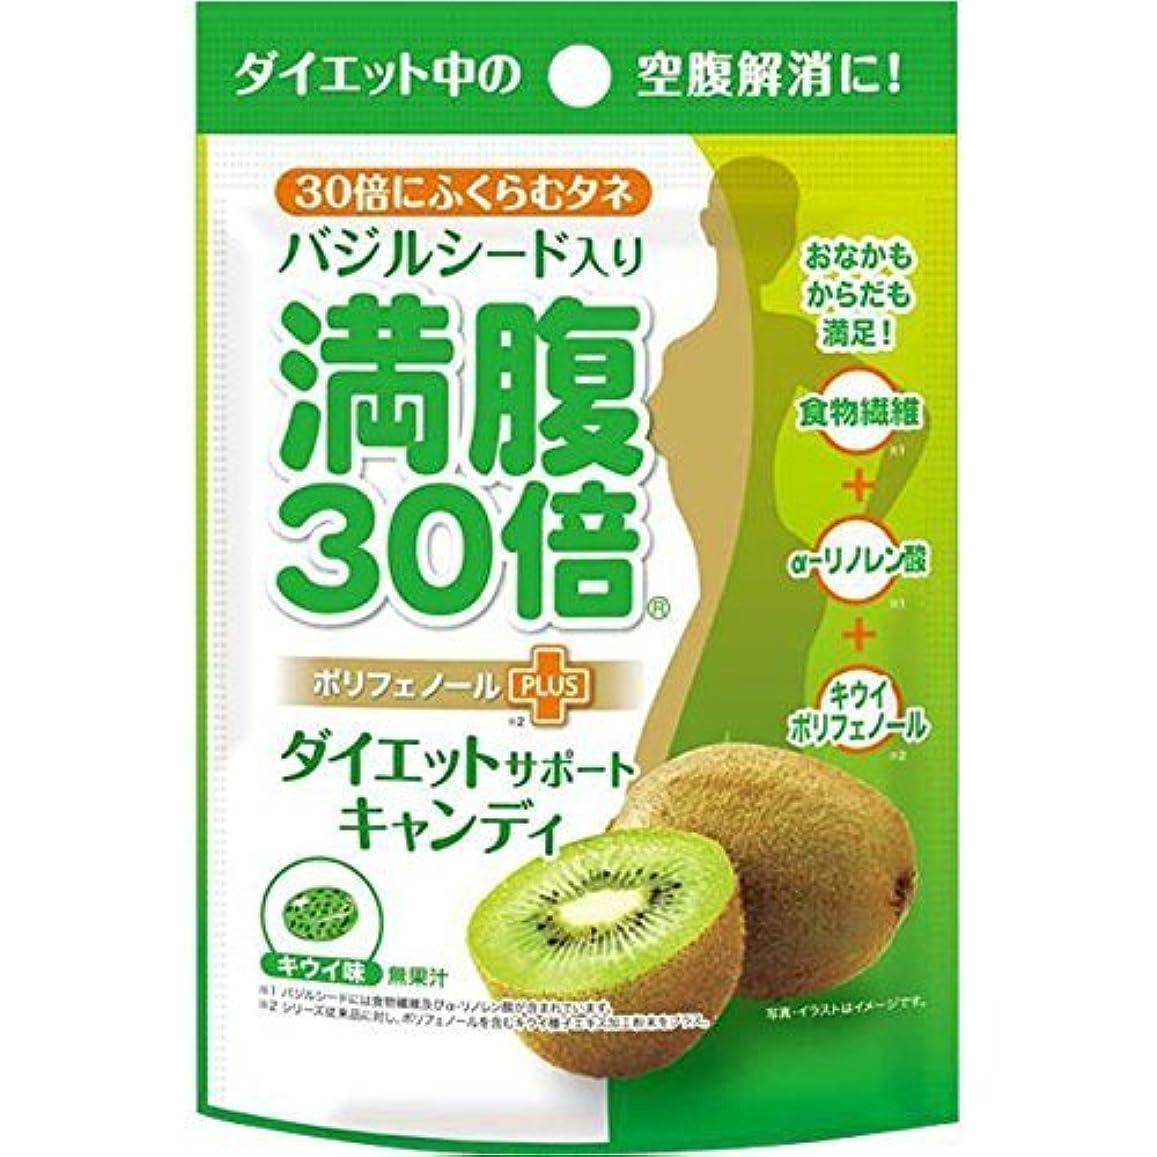 マンモス腐ったより多いグラフィコ 満腹30倍ダイエットサポートキャンディ キウイ42g×3